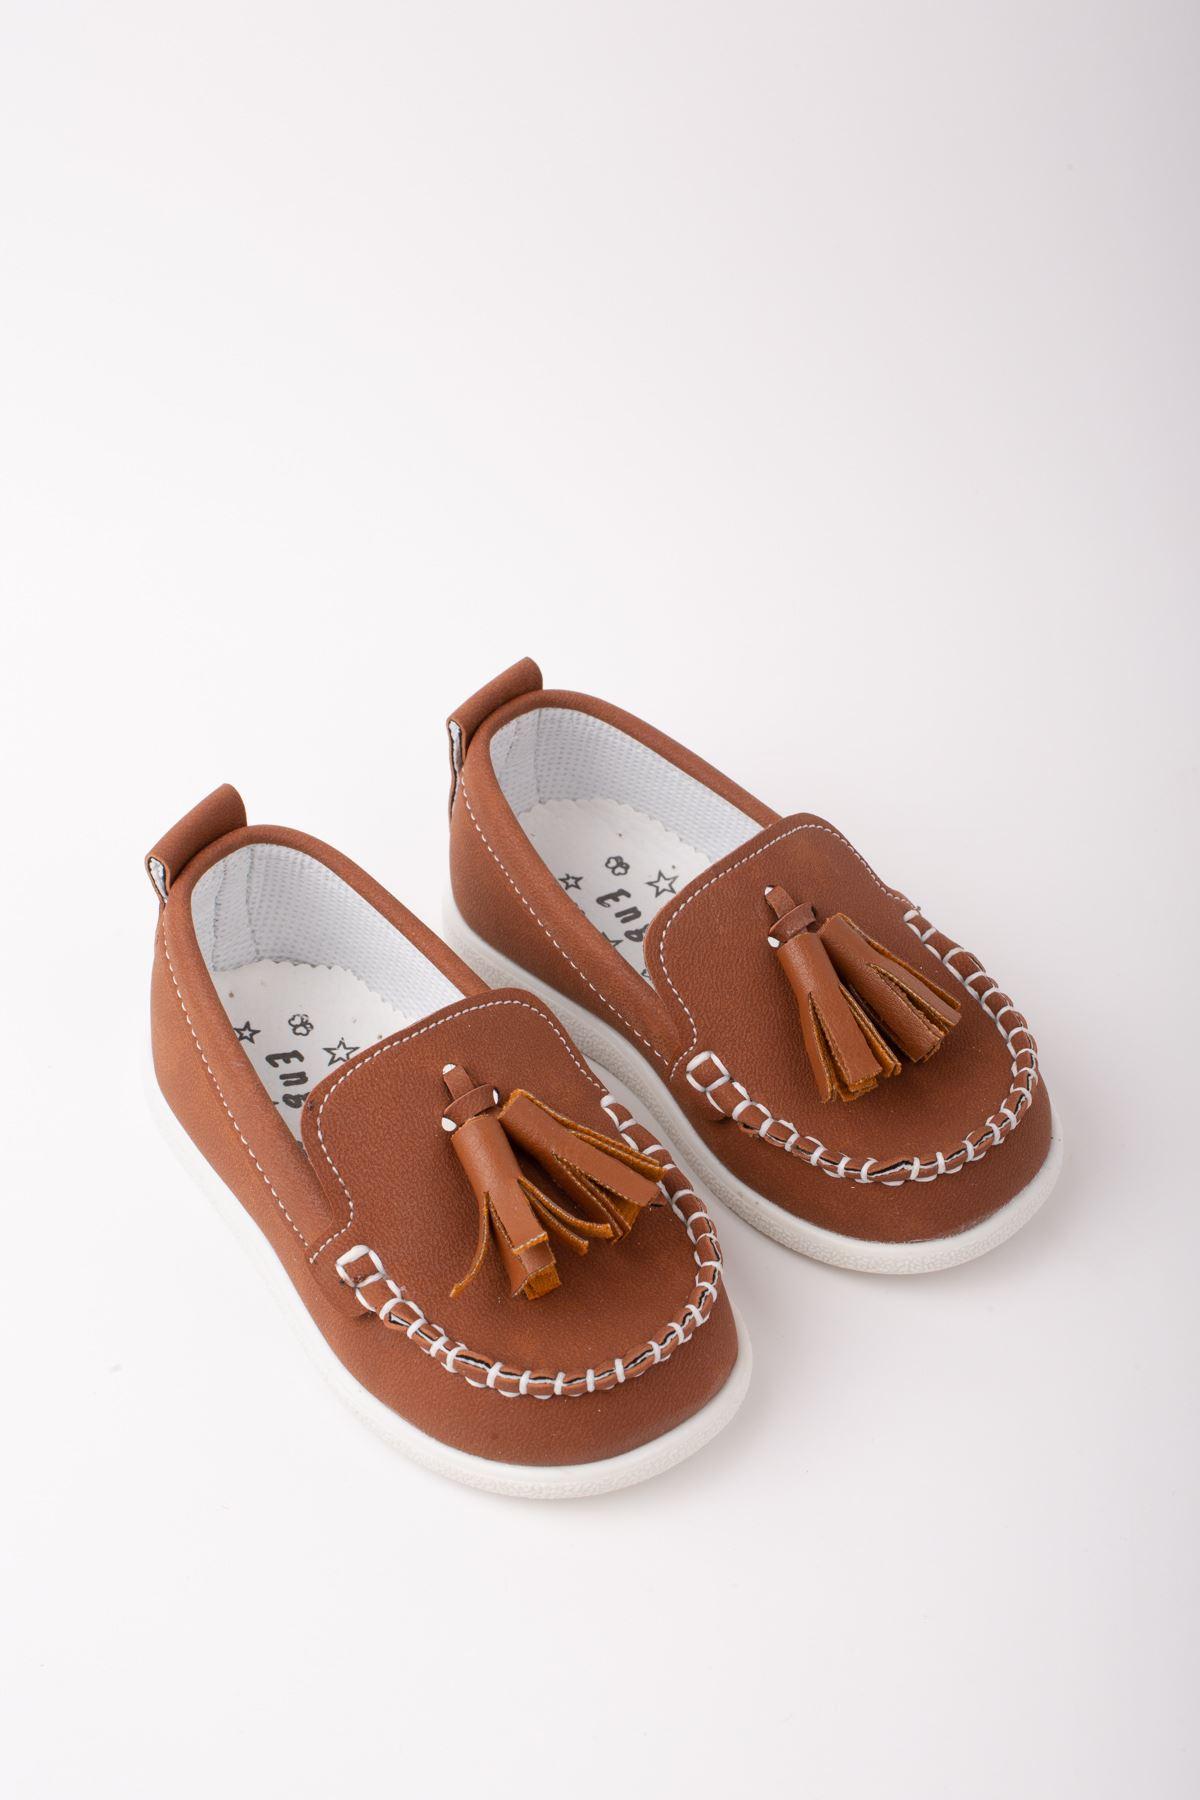 Püsküllü Erkek Bebe Ayakkabı